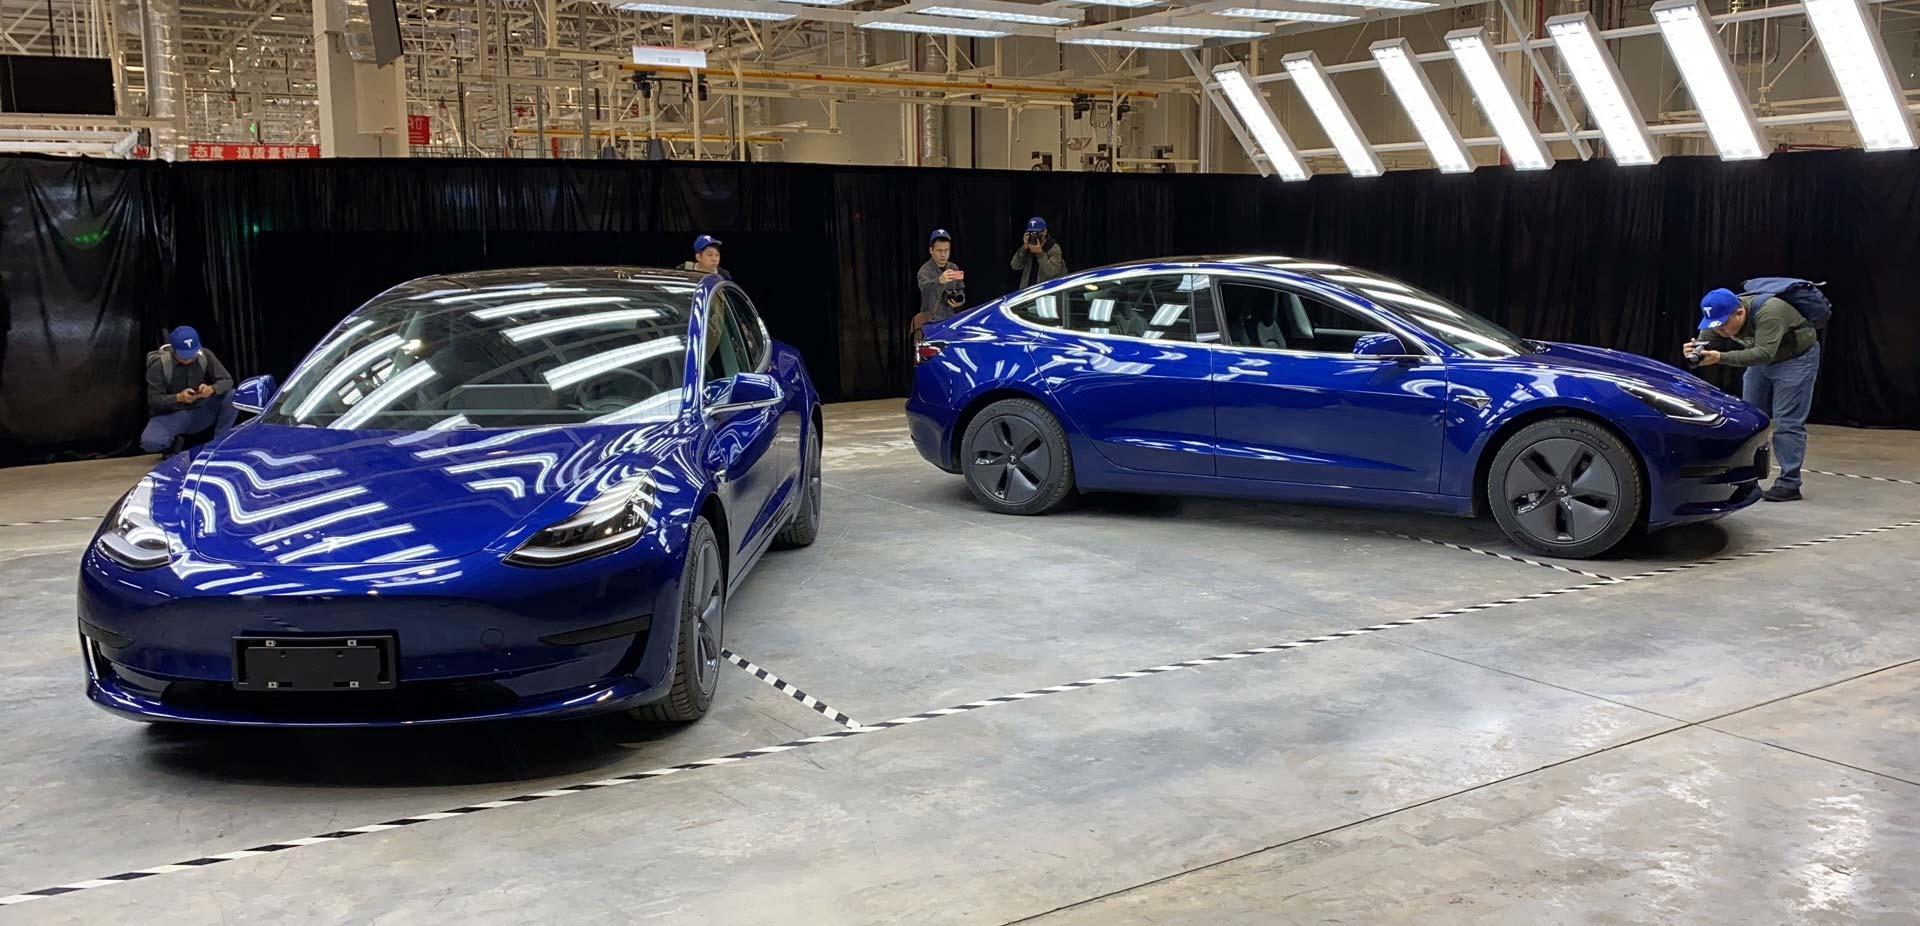 售价 35.58 万元 国产特斯拉 Model 3 首次曝光